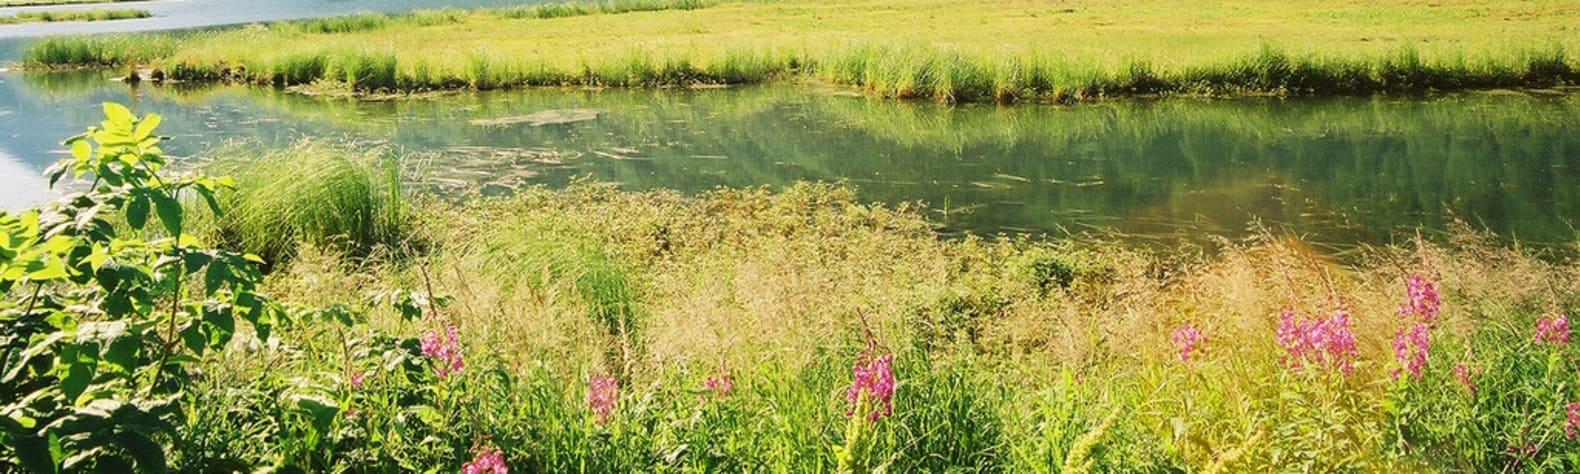 Kenai River Special Management Area